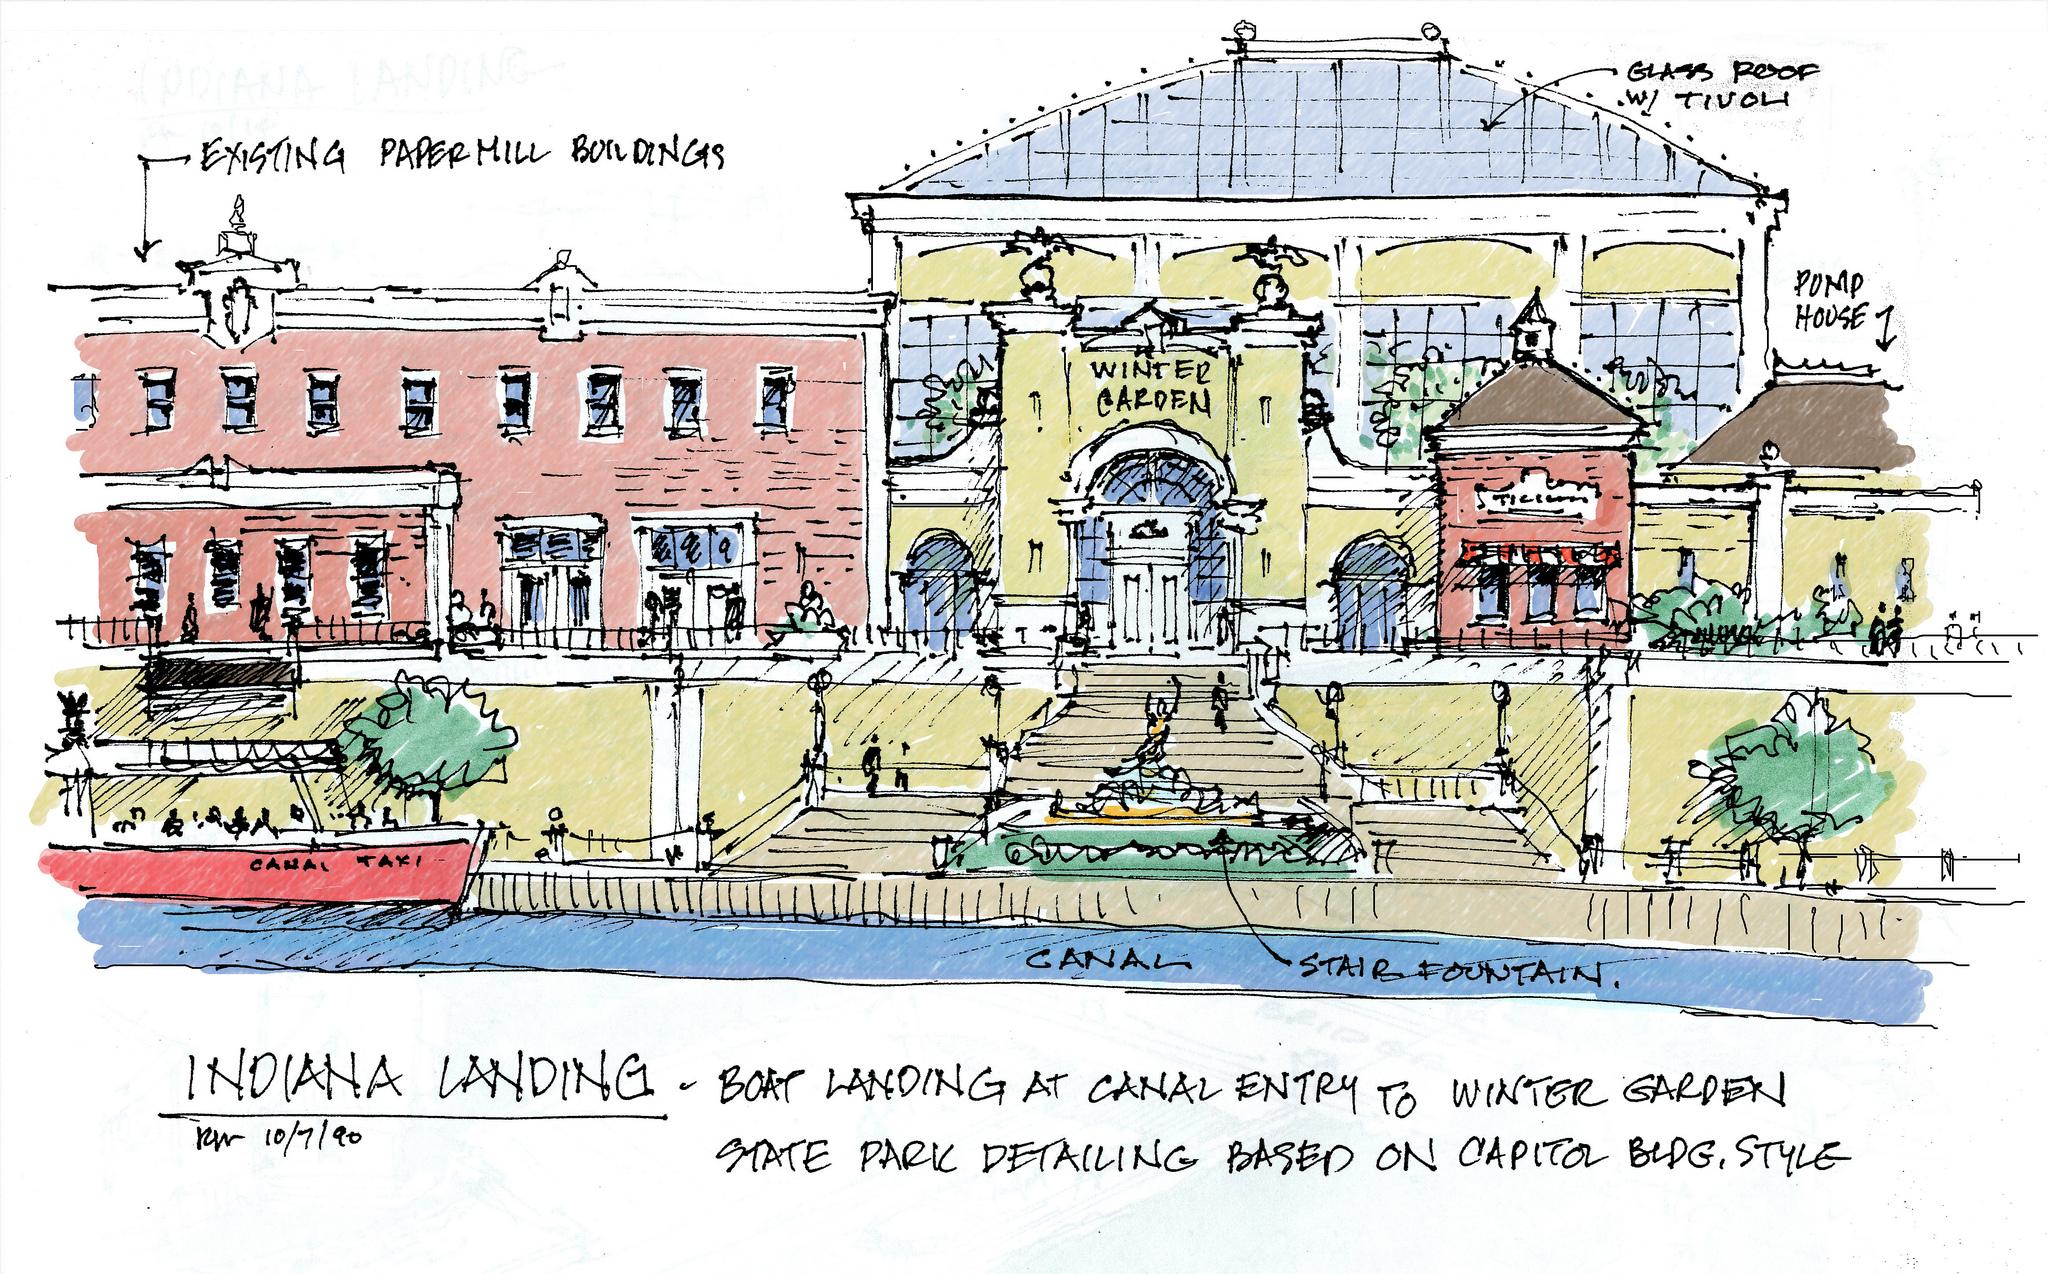 Indiana Landing004_color 7604825378[K].jpg